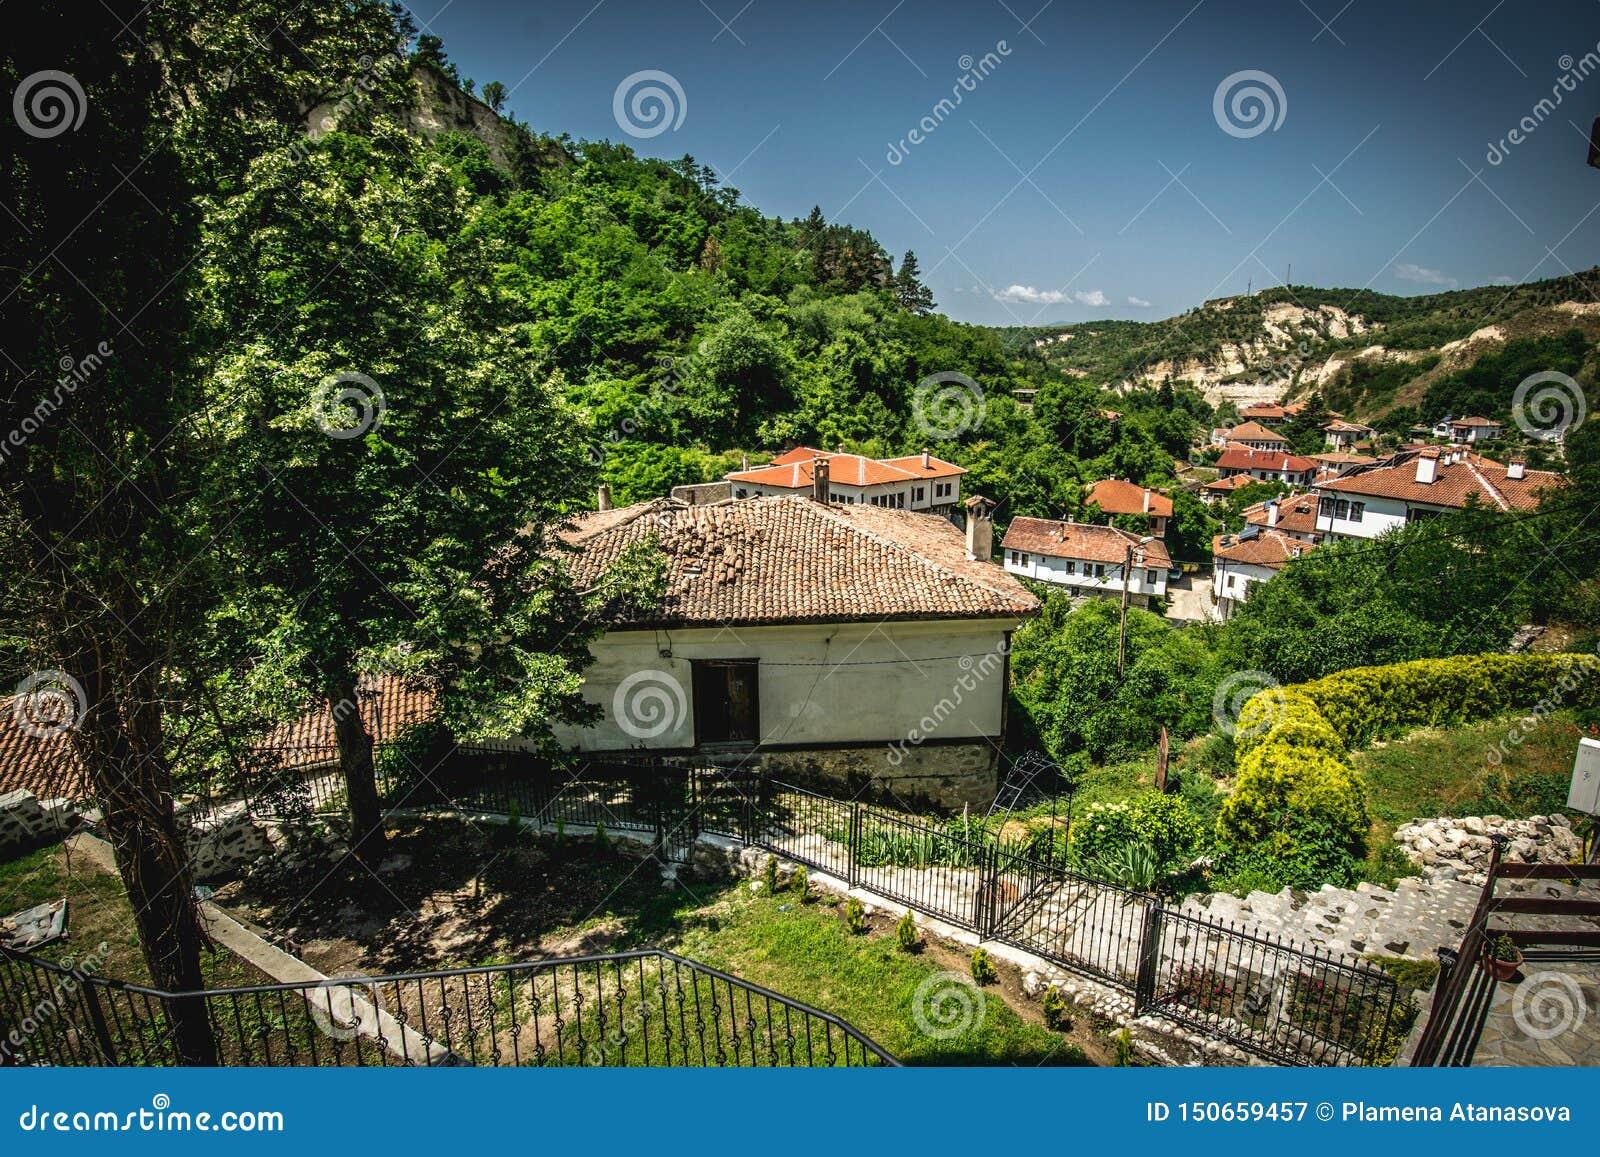 Άποψη από τη μικρότερη πόλη στη Βουλγαρία Μελένικο